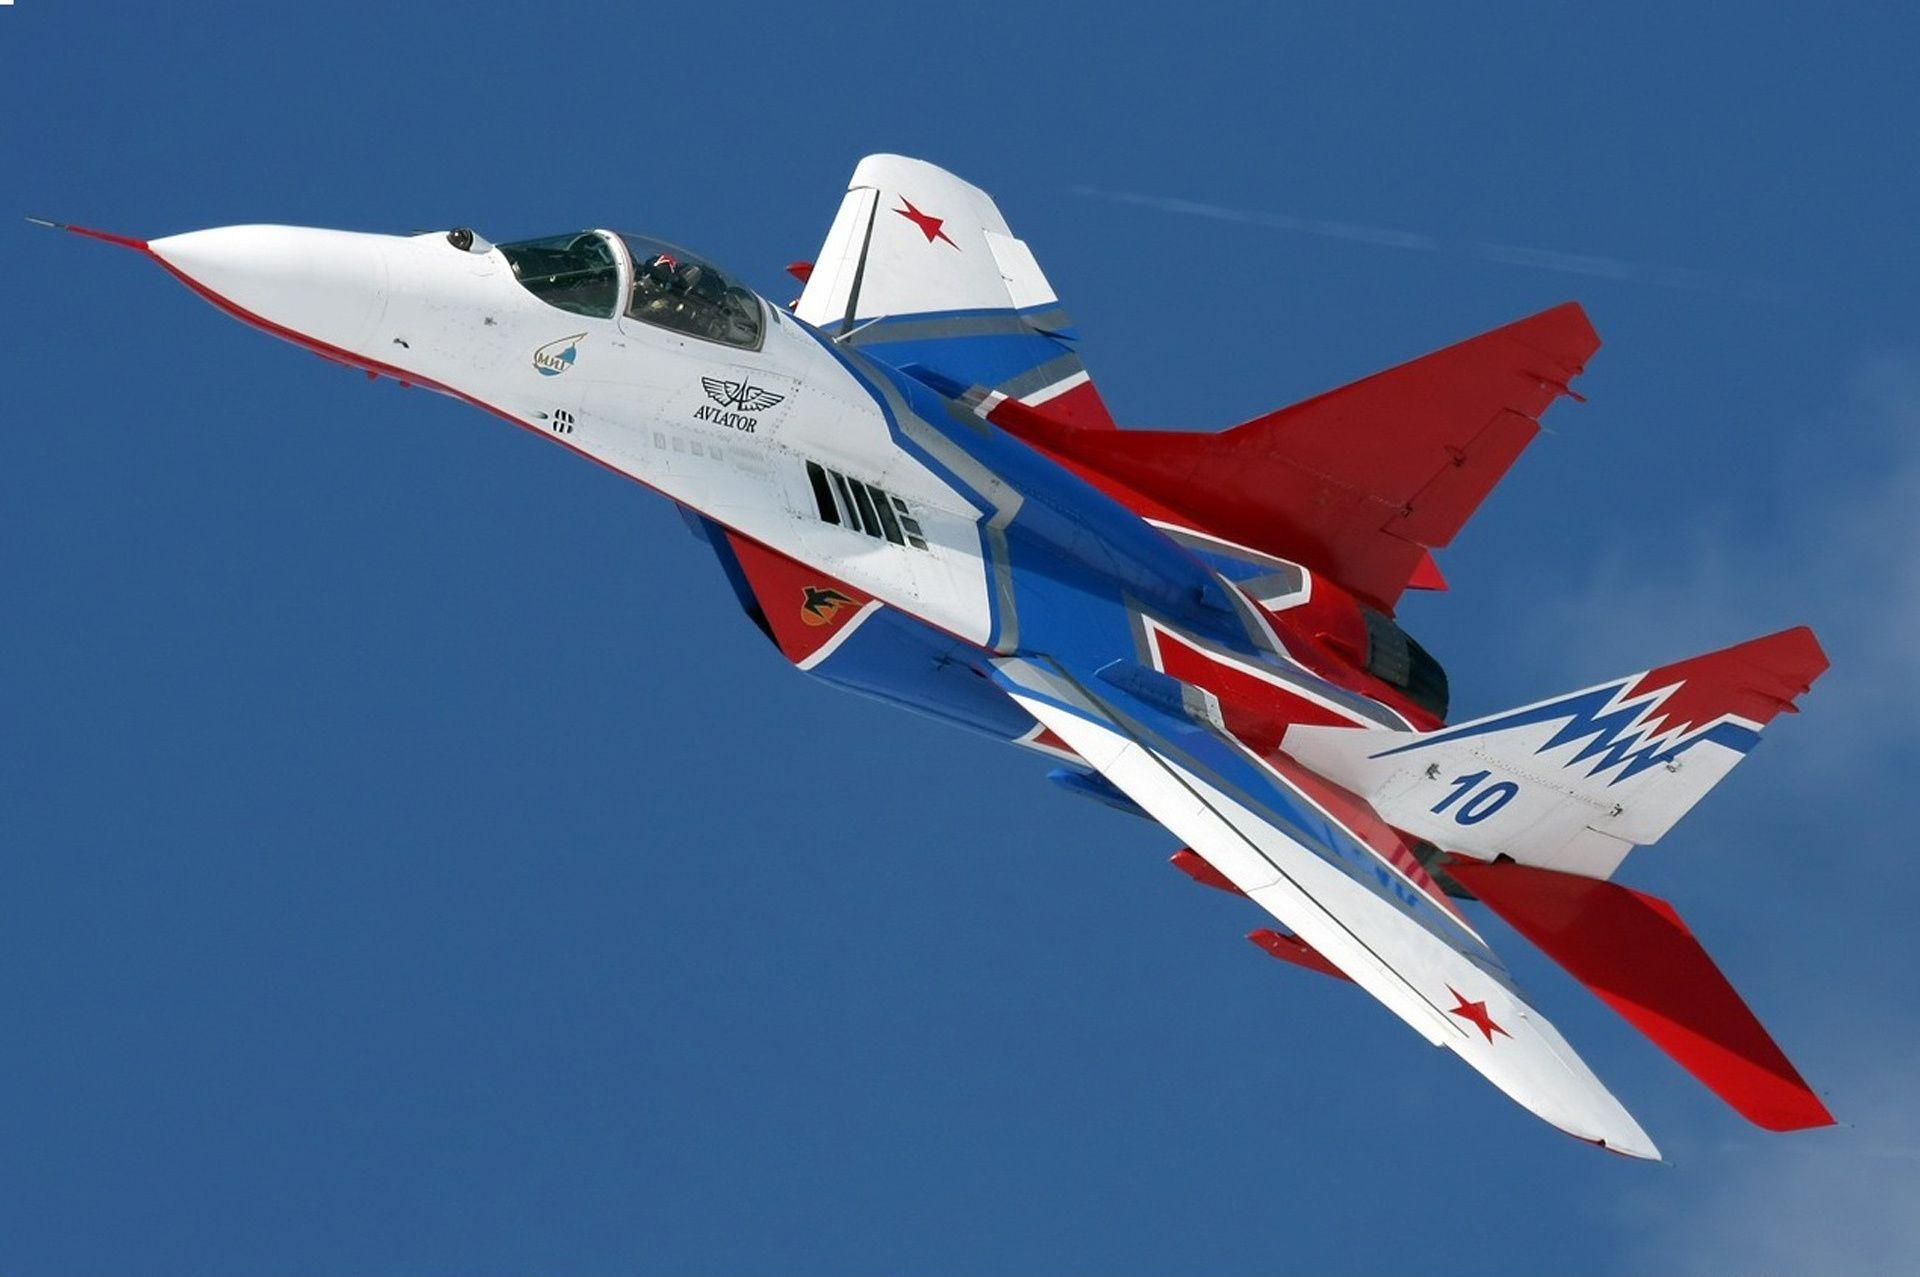 Группа красных самолетов на шоу без смс